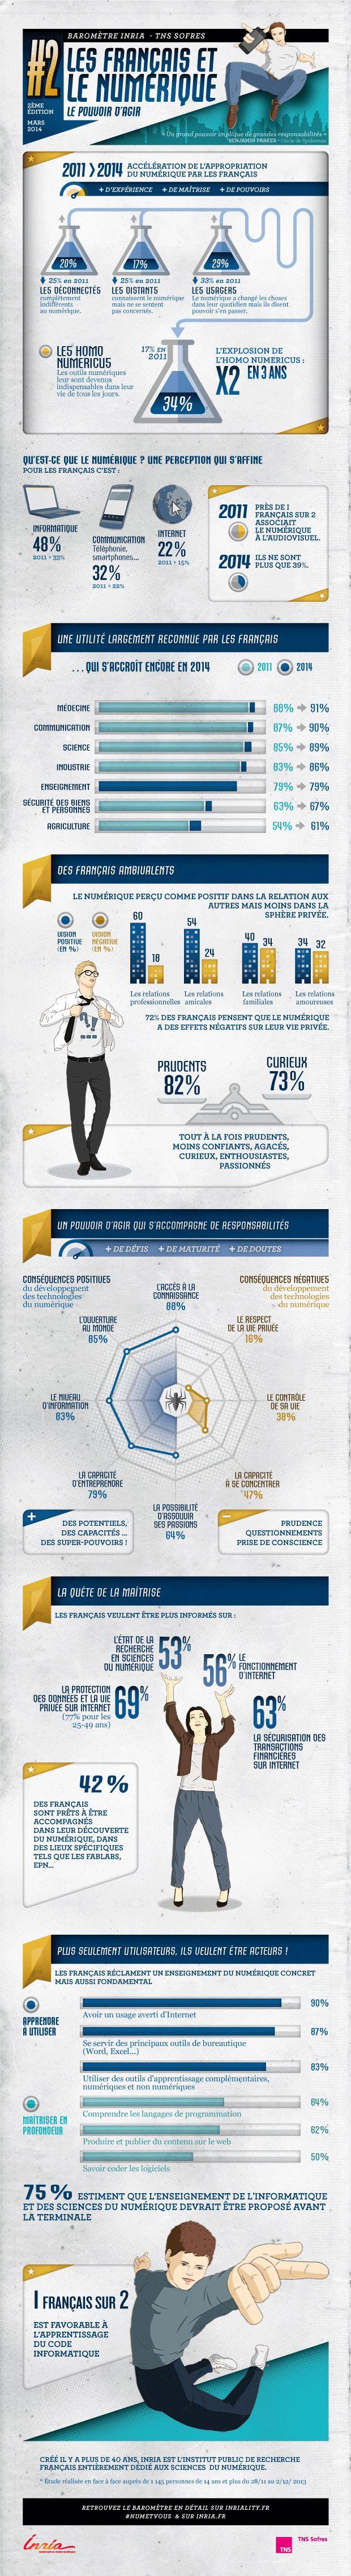 Infographie : Les Français et le numérique L'édition 2014 du Baromètre Inria à découvrir en images ! #NumEtVous